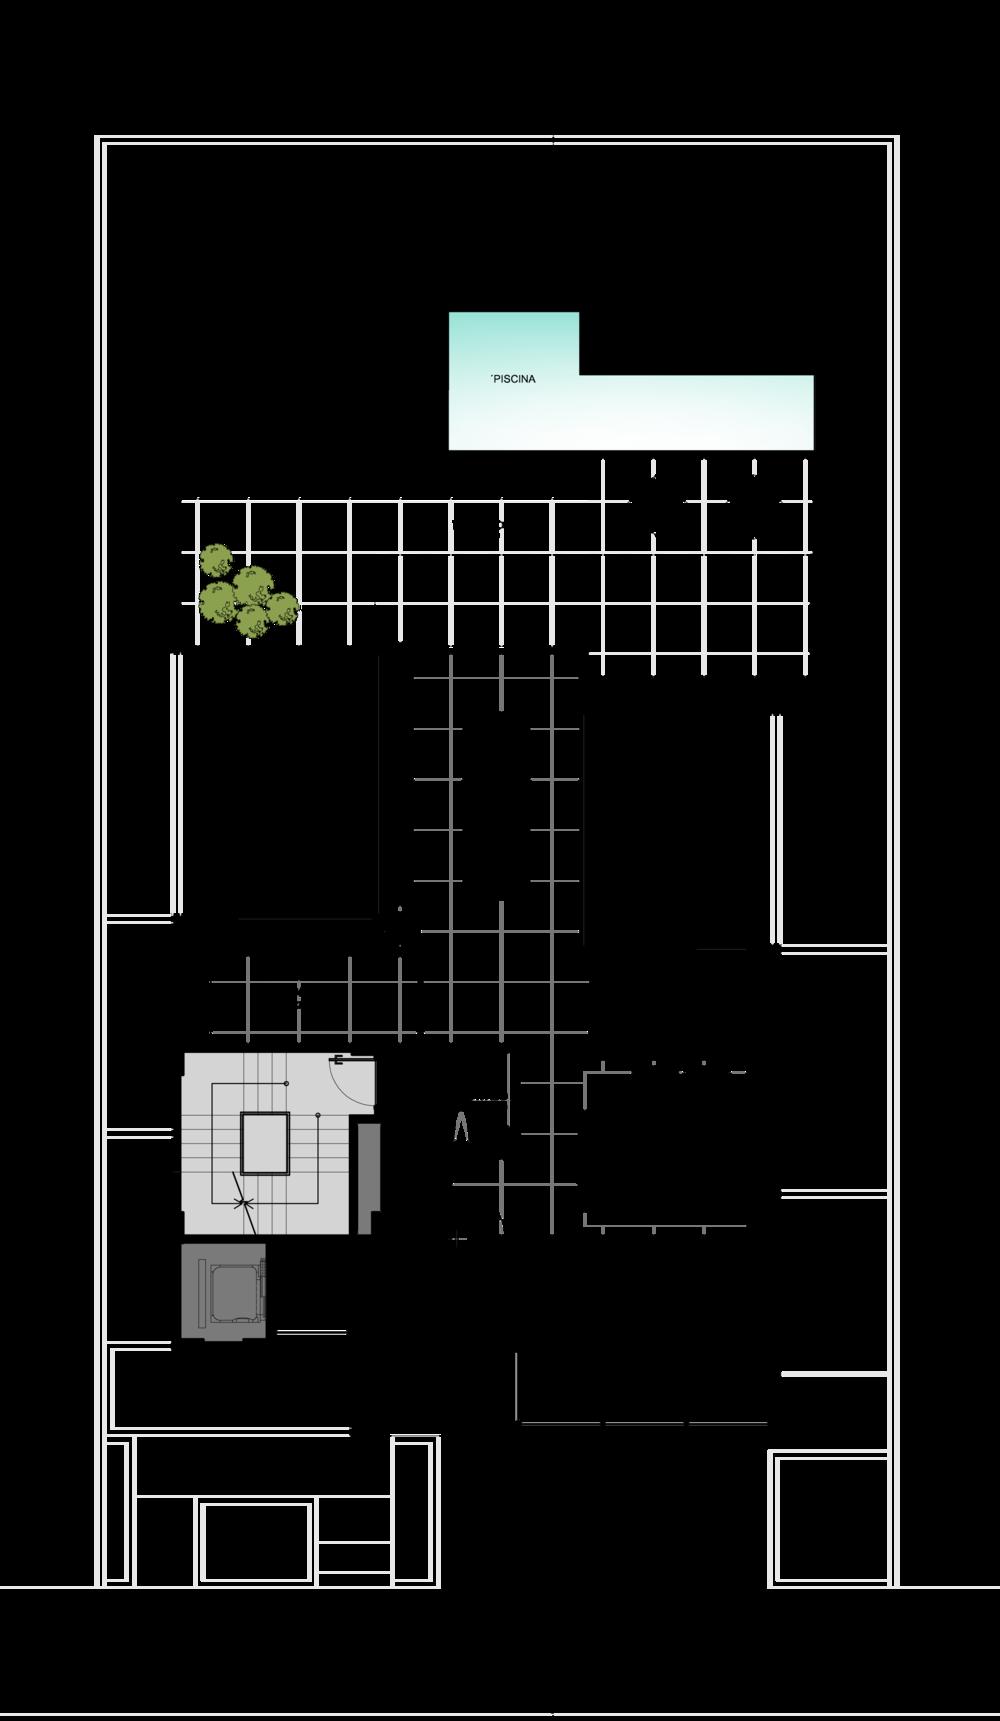 F_Edificio 06 - FF_Planta 04.png